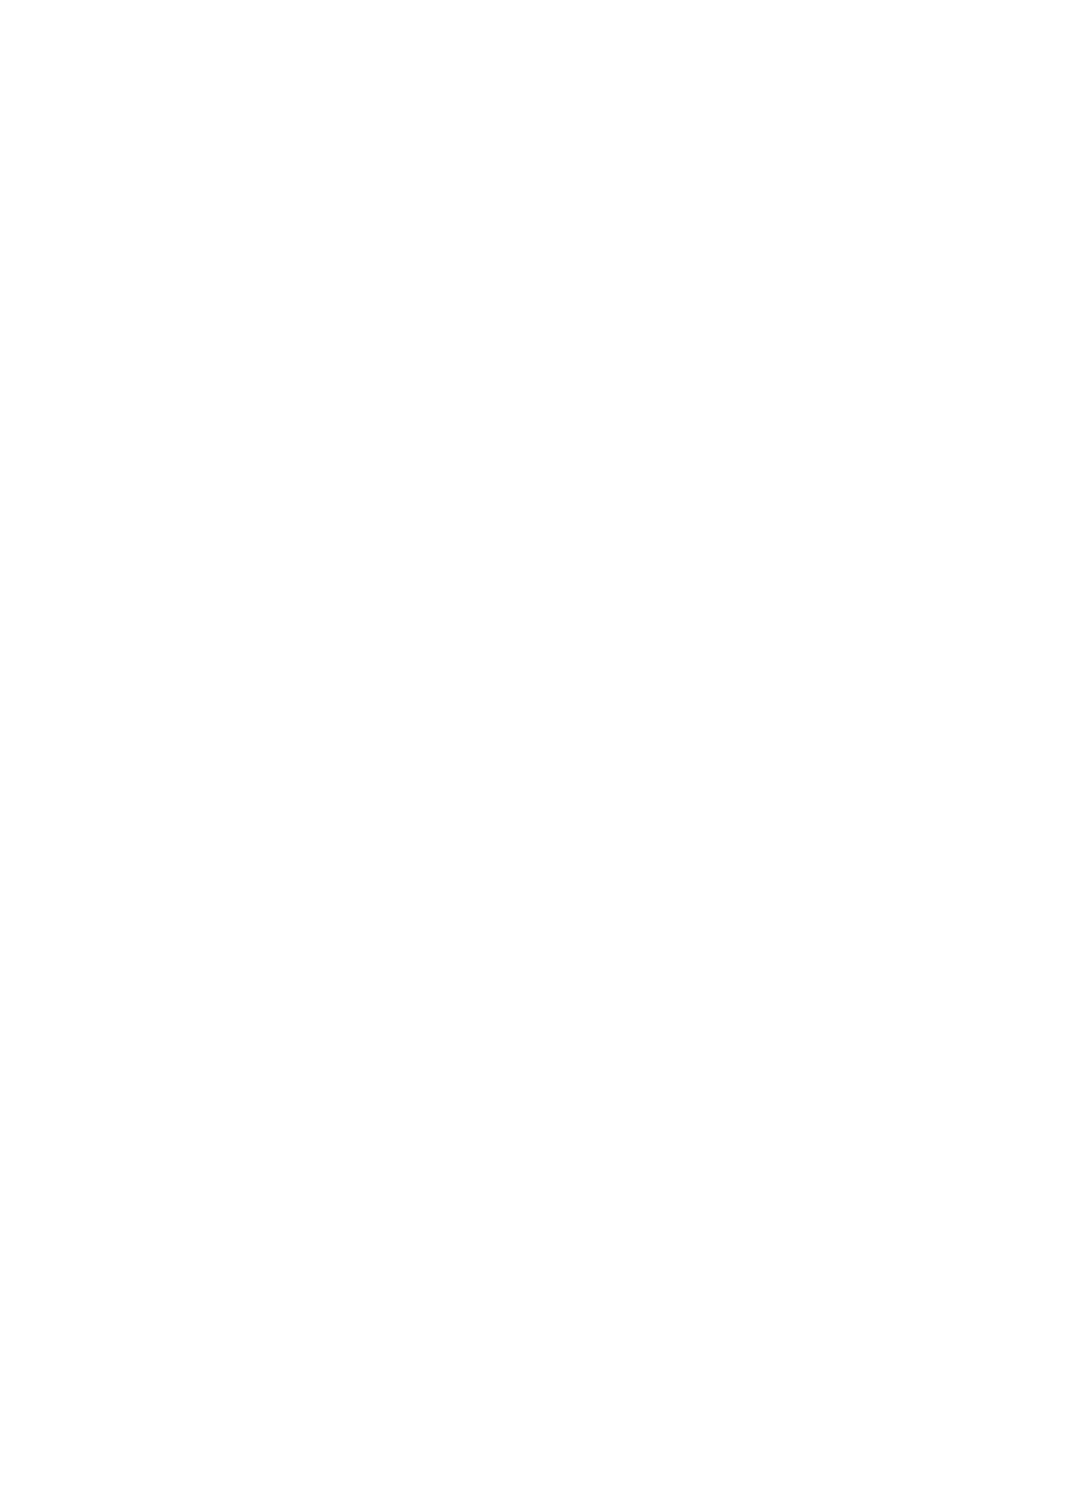 【エロ同人誌】教え子のロリ美少女たちに鬼畜調教されるドM美人女教師。拘束されてローターやバイブ責めされ続けて失禁しまくり、両穴ディルドやペニバンで犯され続けてアヘ絶頂堕ち【オリジナル】